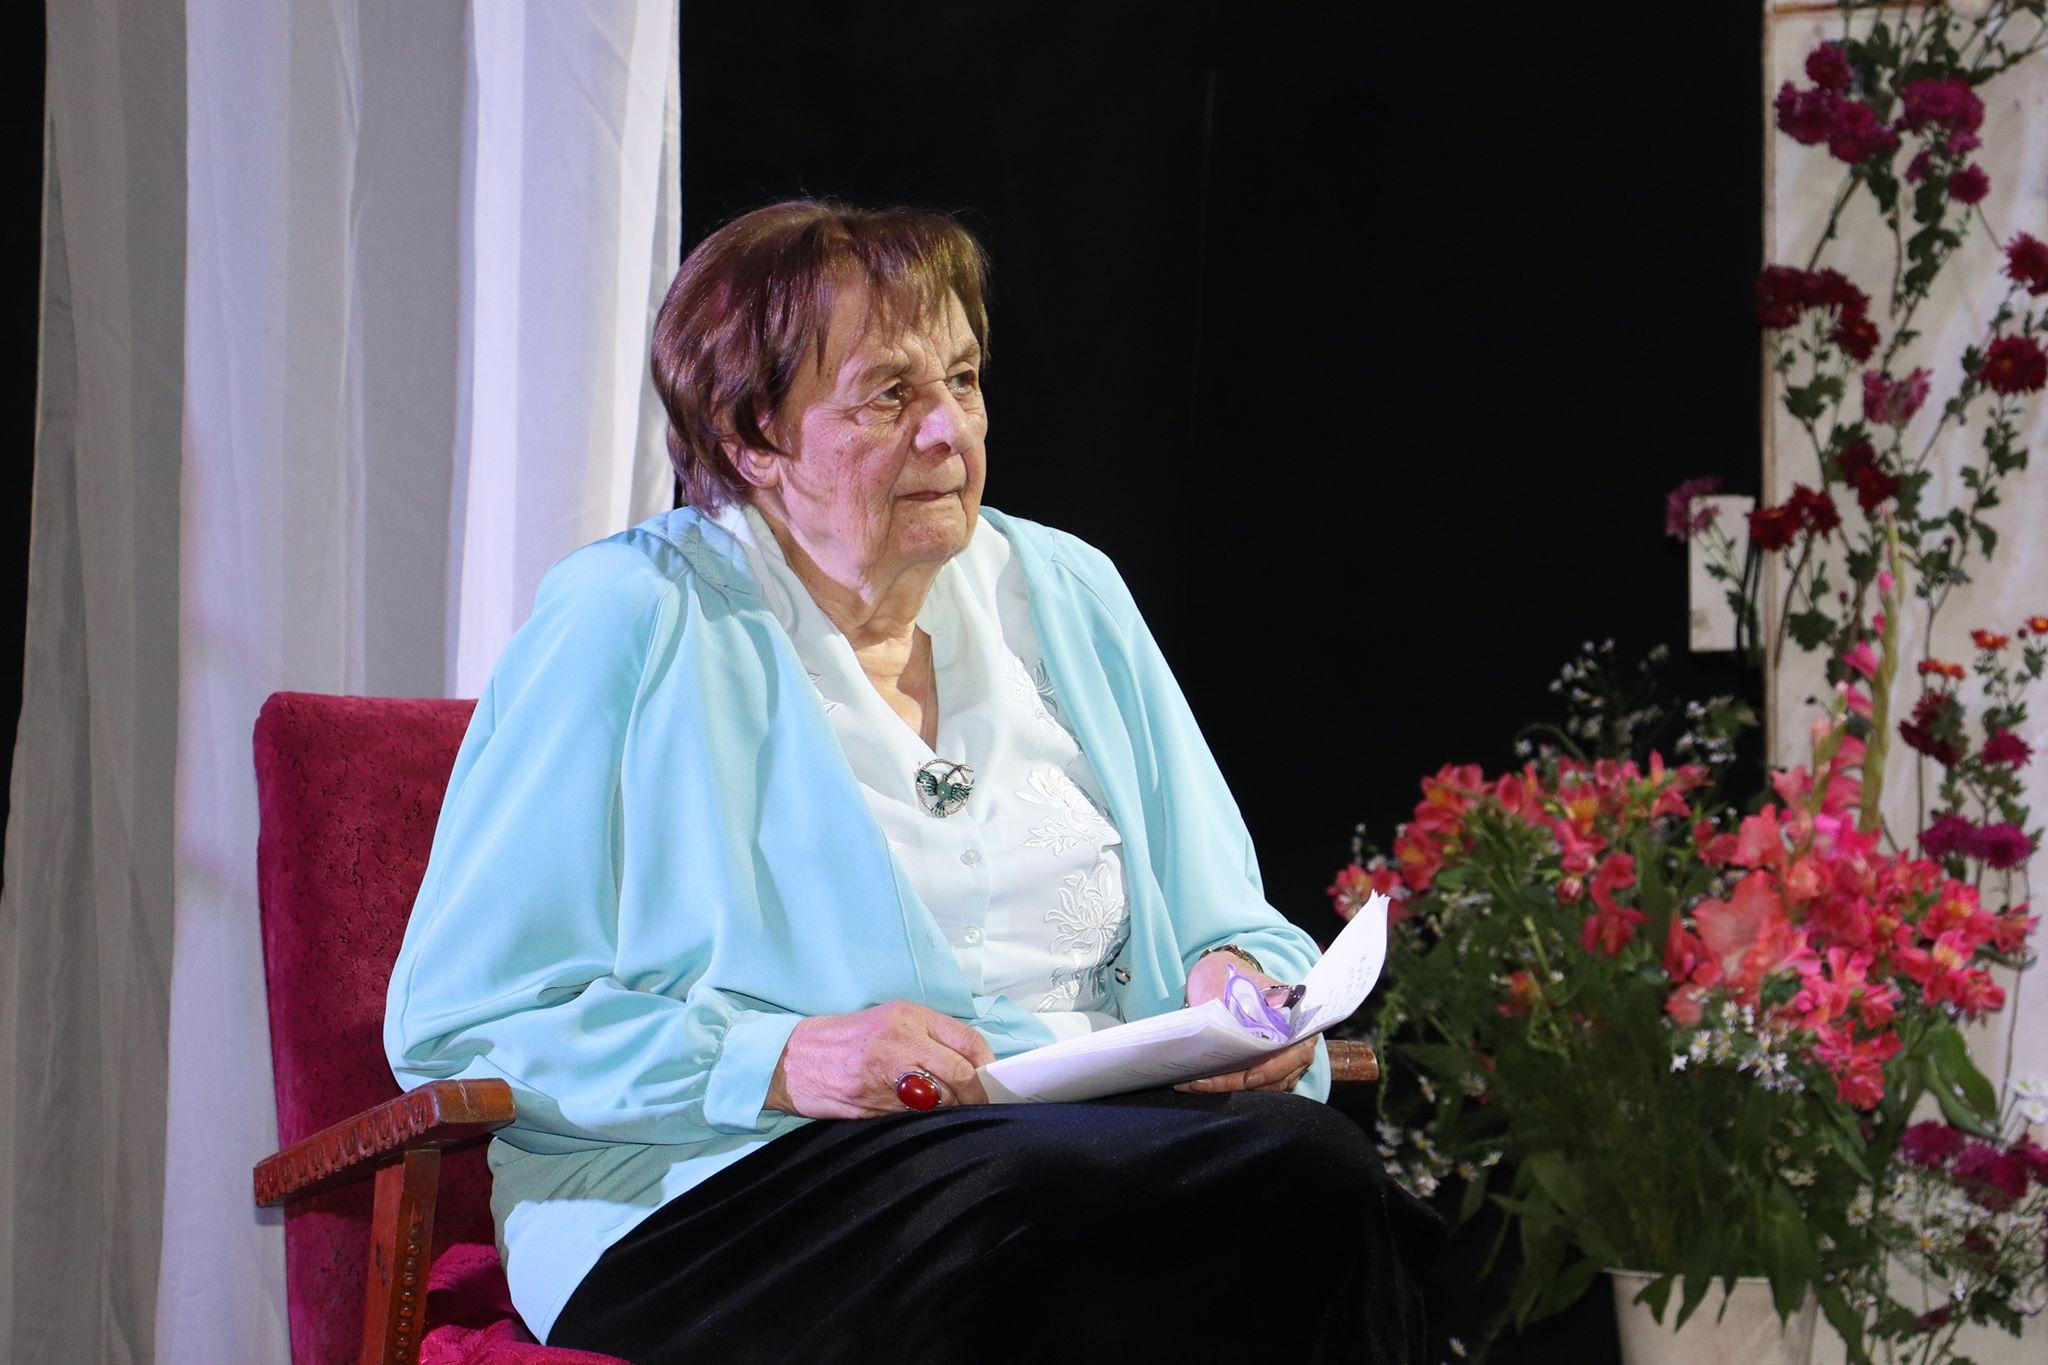 სტუ-ში ელმირა (დოდო) ჩხიკვაძის 90 წლისთავისადმი მიძღნილი საიუბილეო საღამო გაიმართა